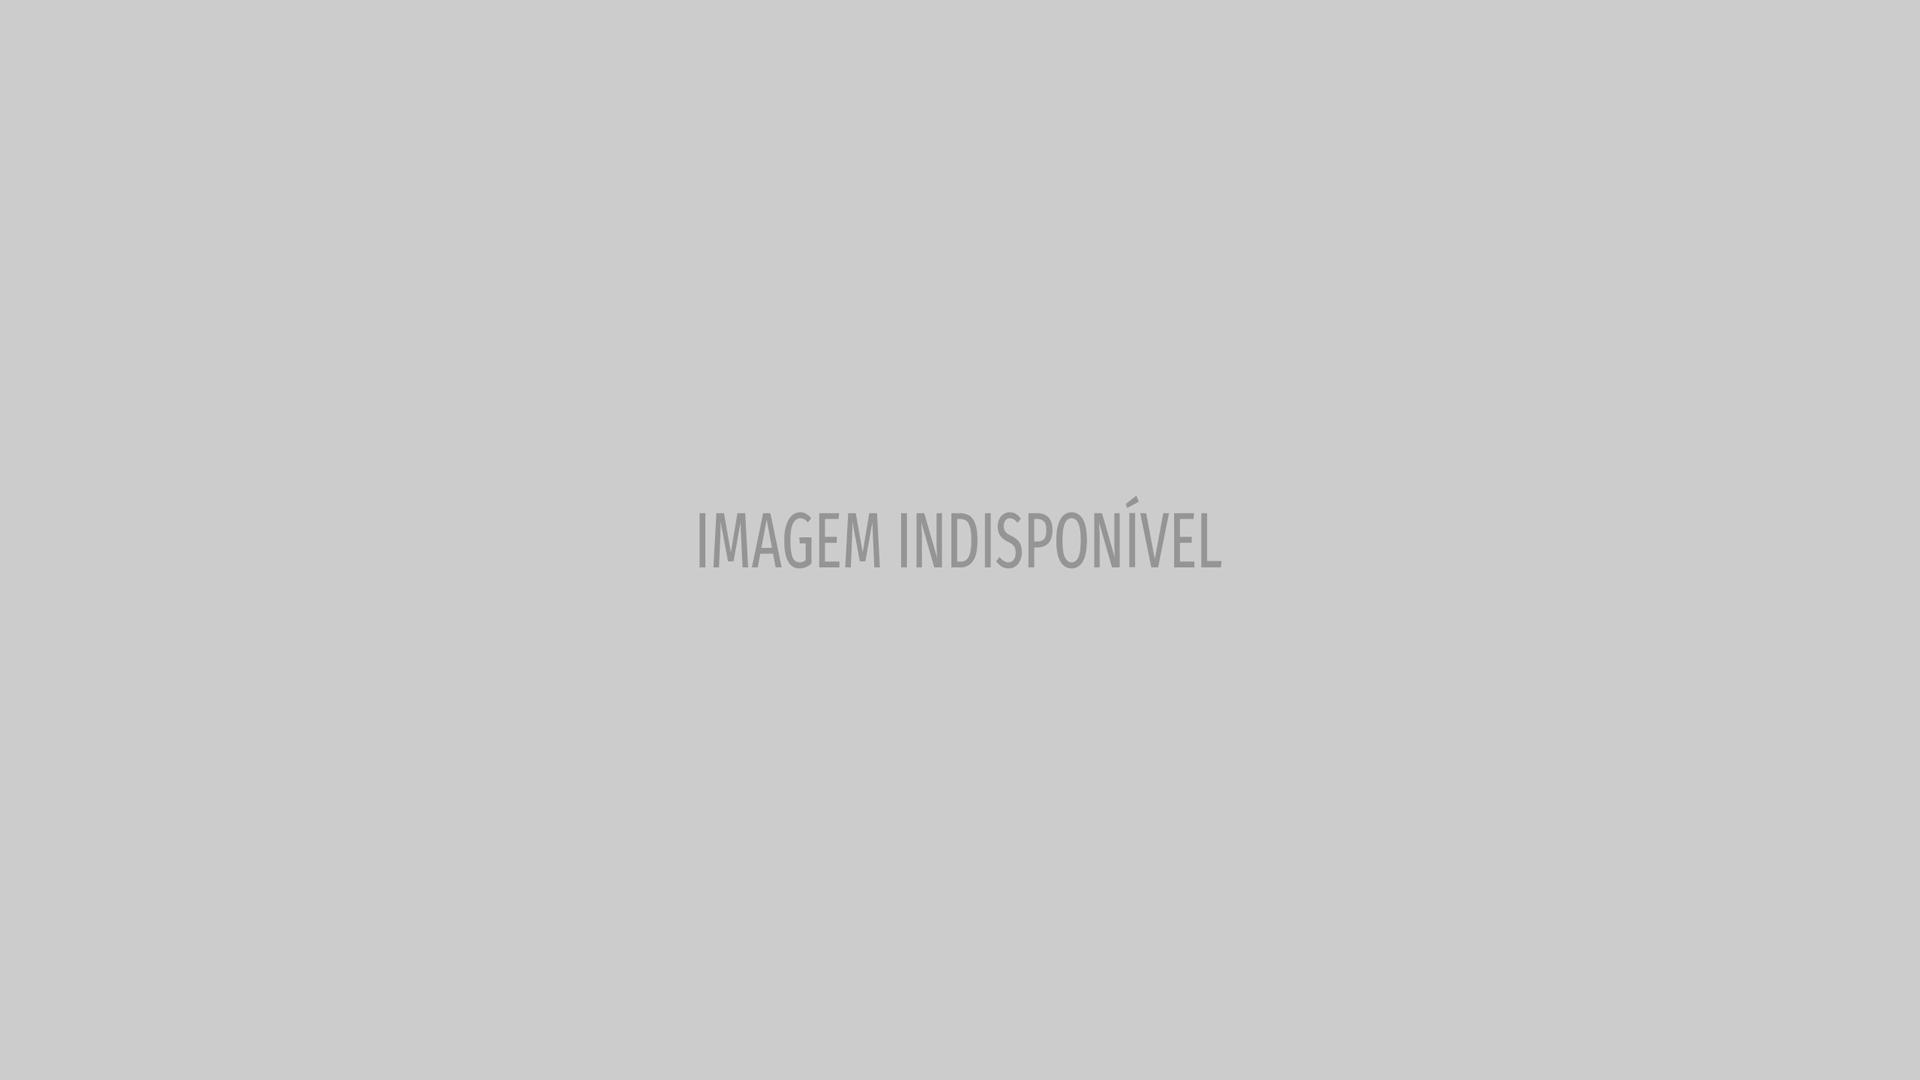 Centenas de pessoas são retiradas de incêndio nos Estados Unidos